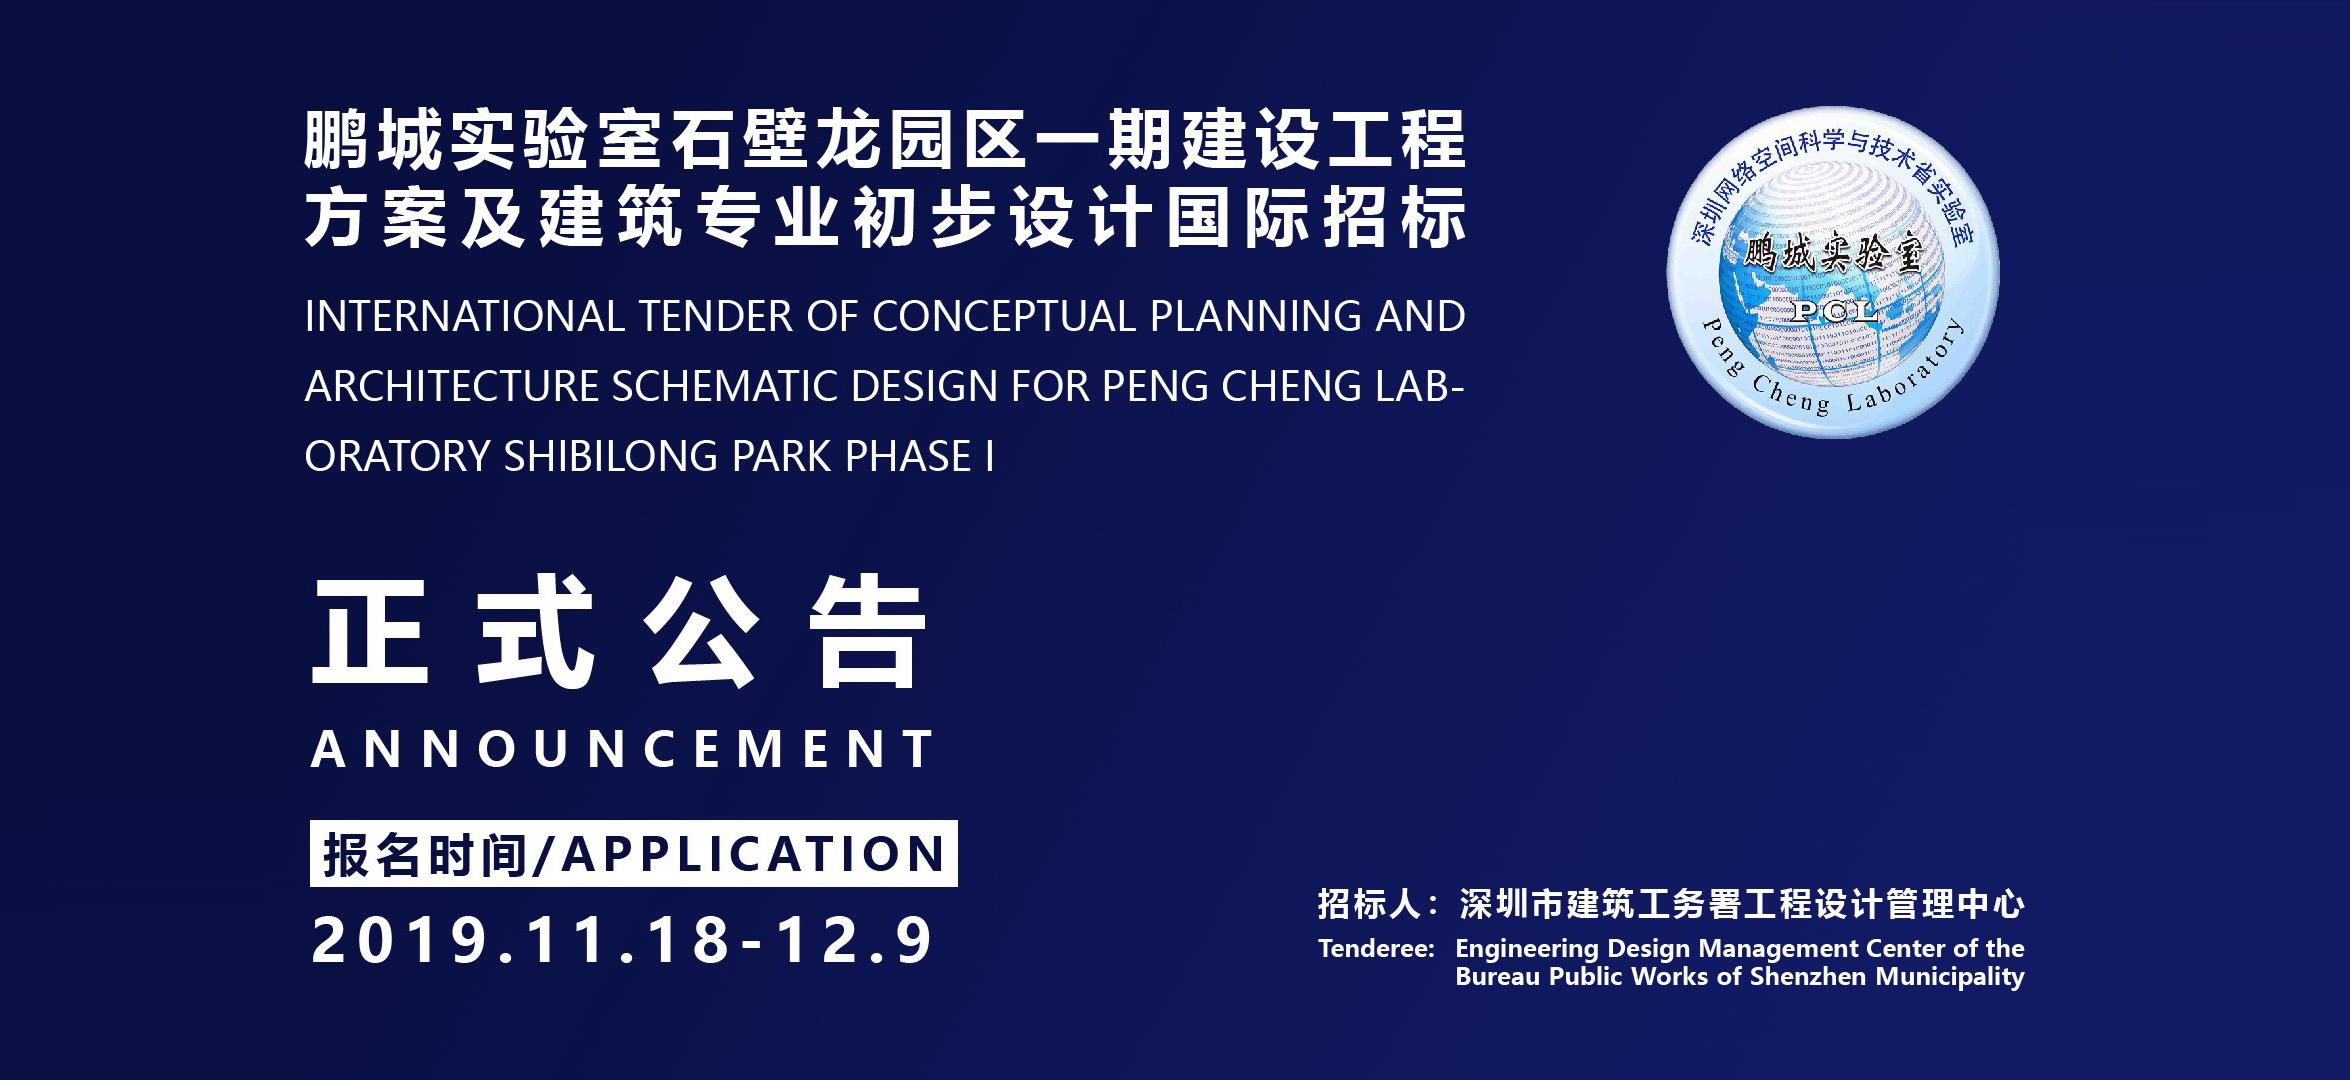 鹏城实验室石壁龙园区一期建设工程方案及建筑专业初步设计